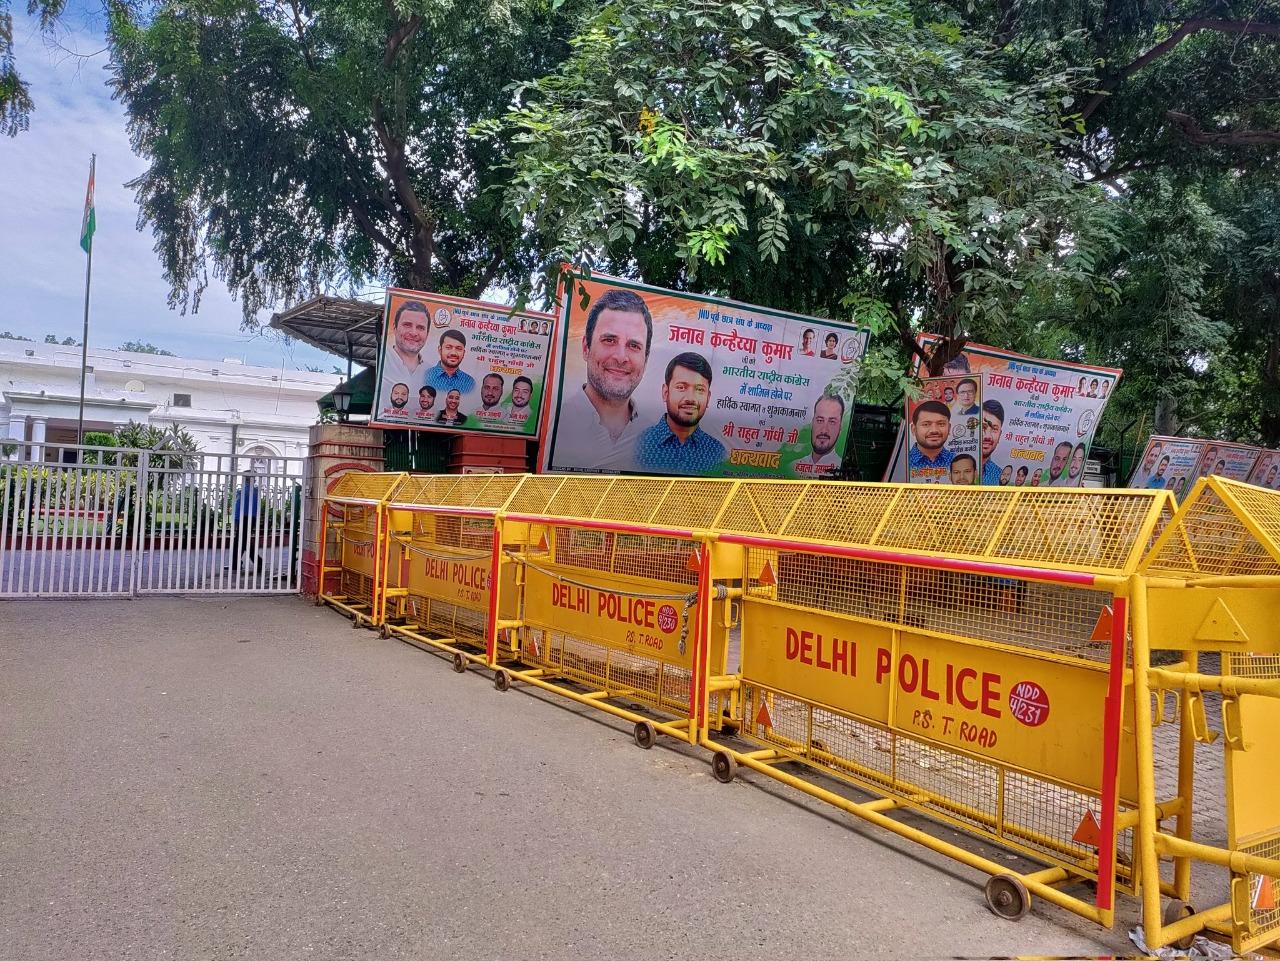 कांग्रेस मुख्यालय में कन्हैया कुमार के पोस्टर और होर्डिंग लगे हुए हैं।